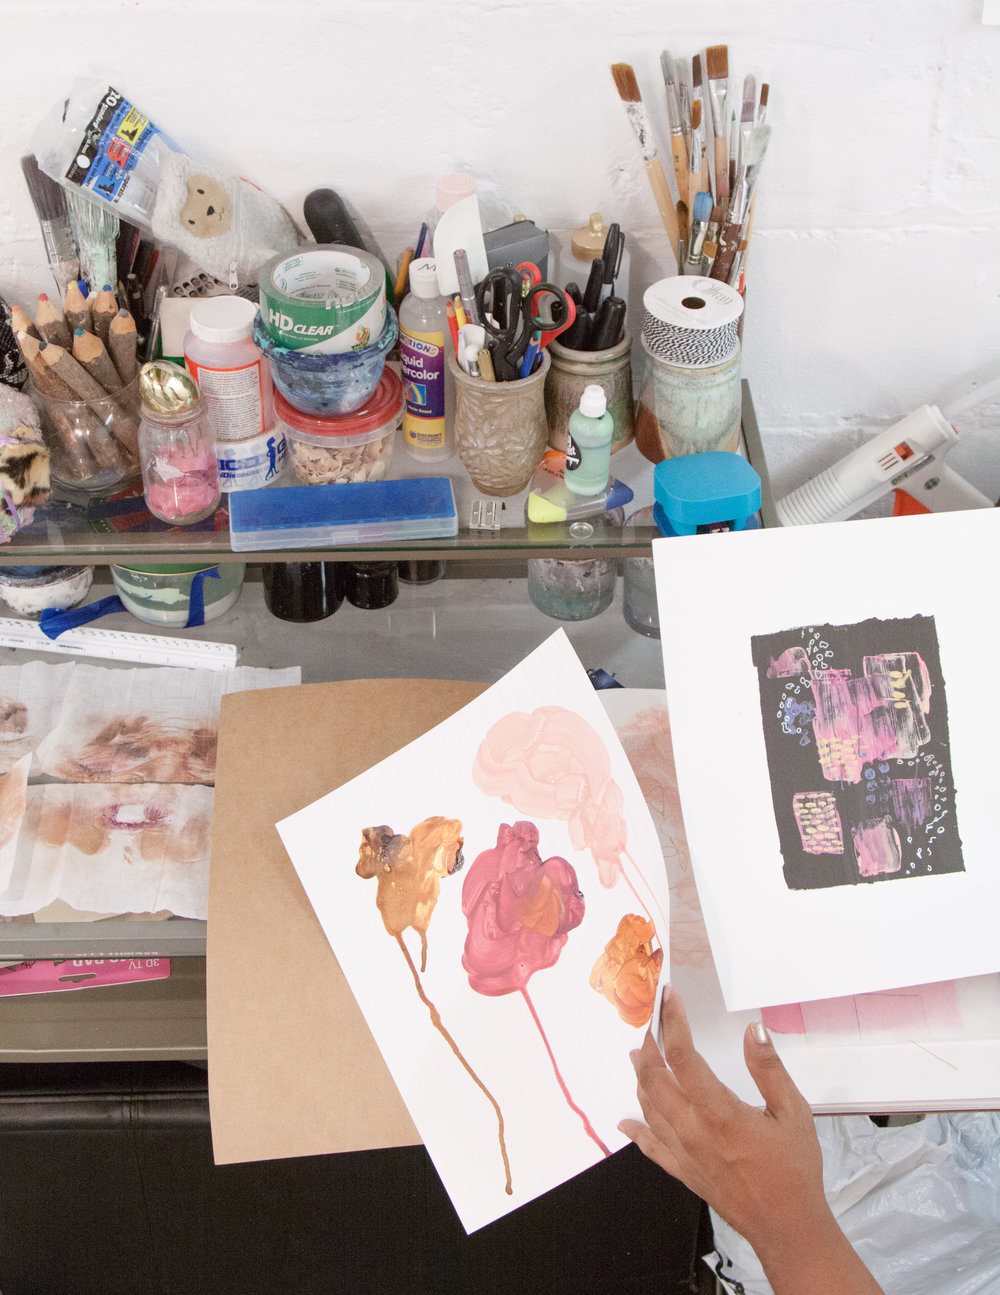 Alexander Martin artist peoria Illinois studio